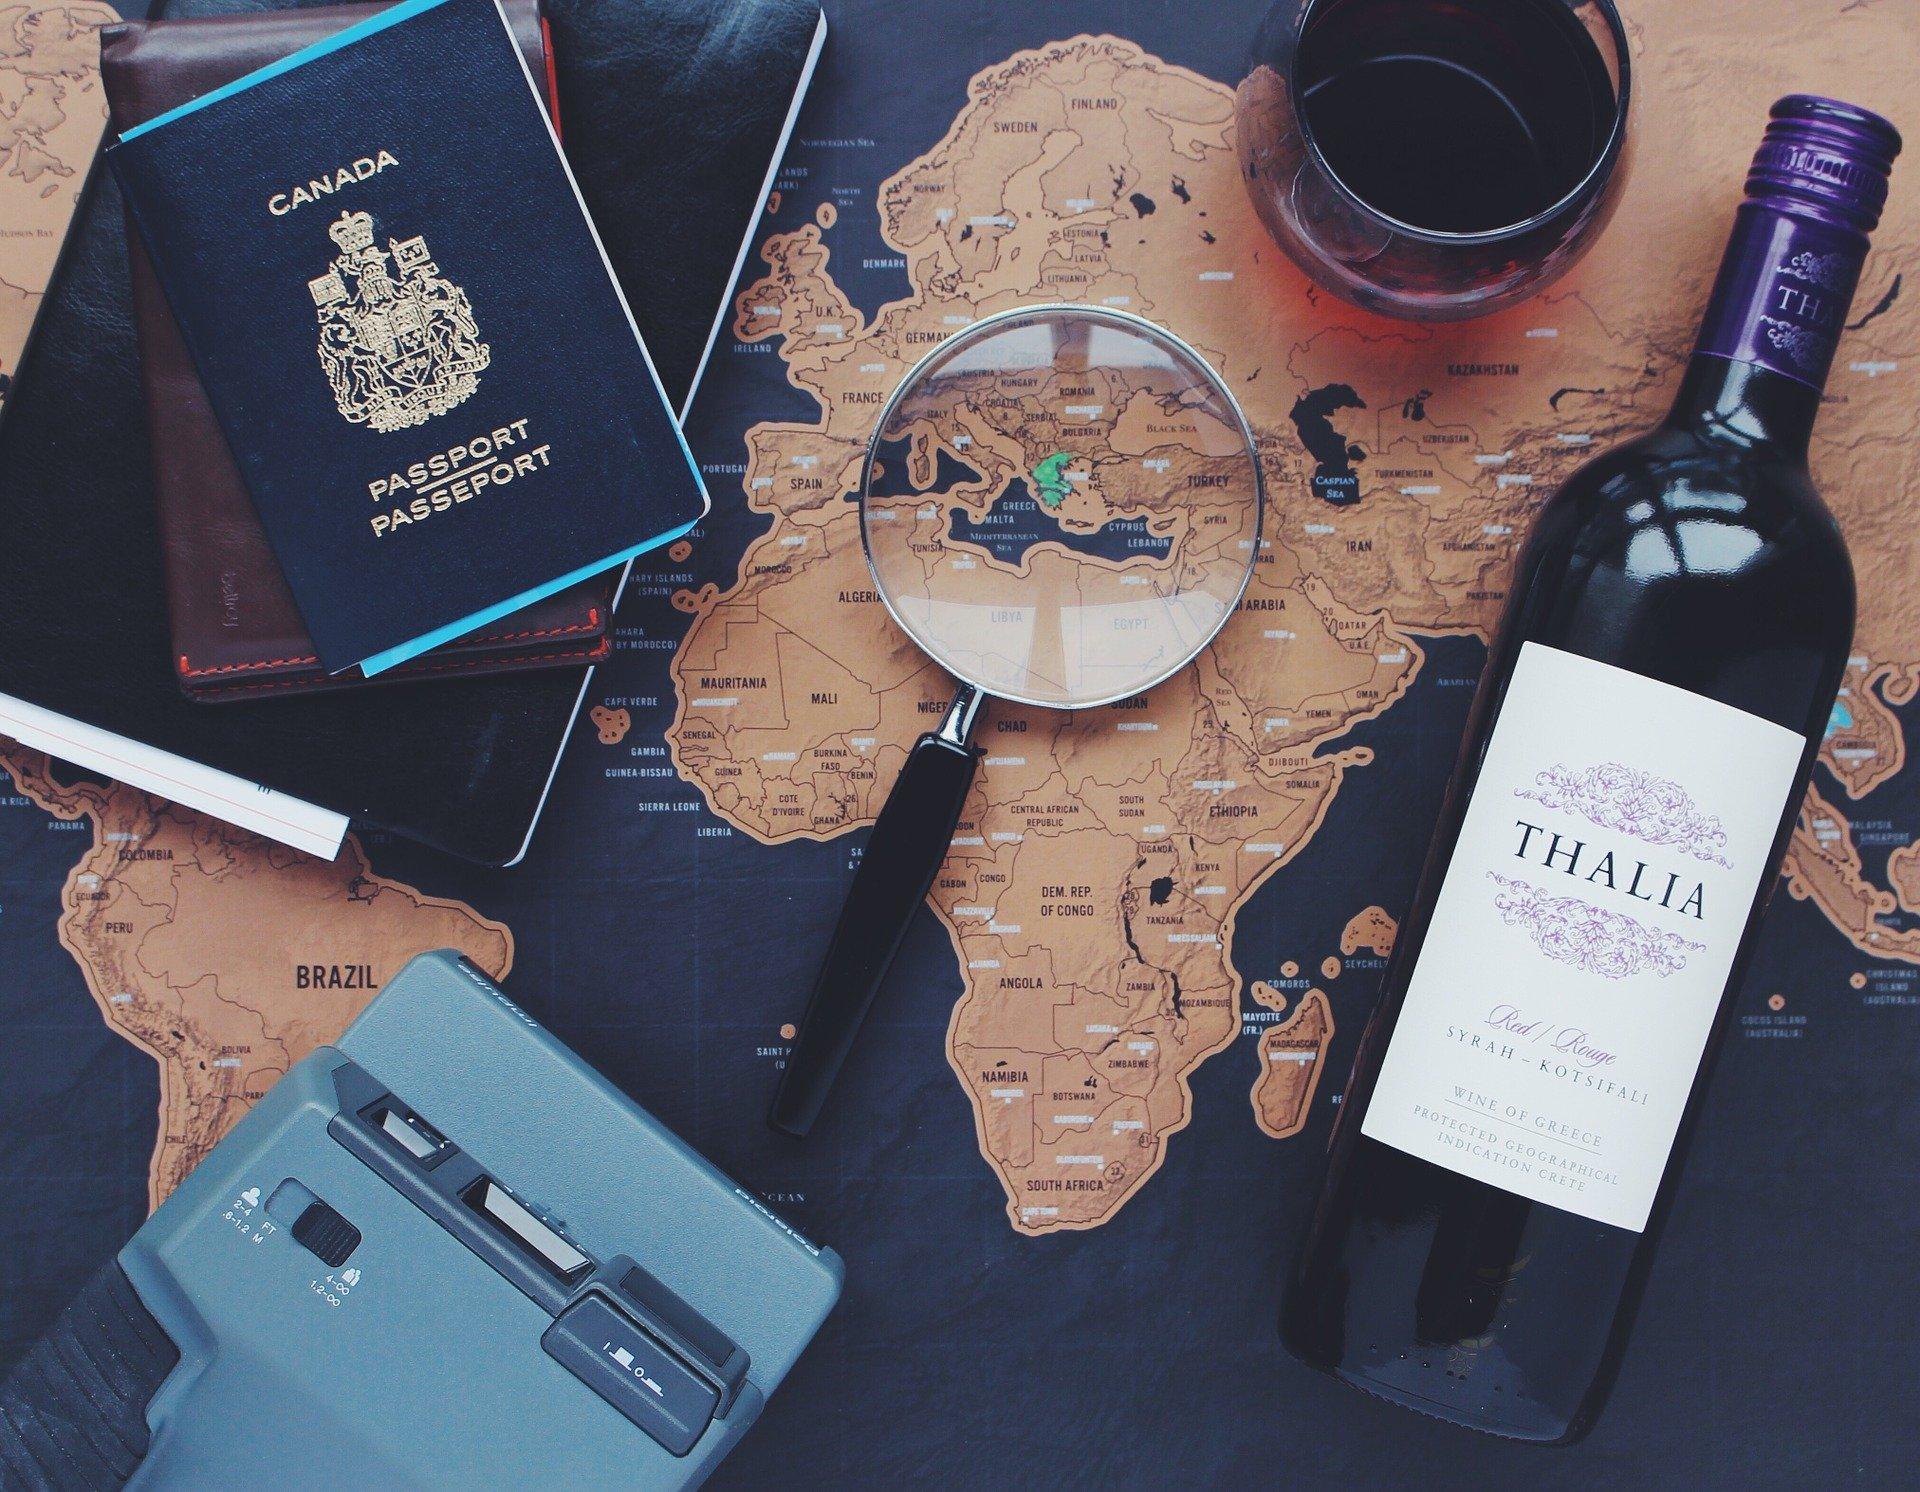 Imagem de um mapa mundo com uma lupa em cima, uma garrafa de vinho, passaportes e uma câmera. Imagem ilustrando texto franquia TZ Viagens